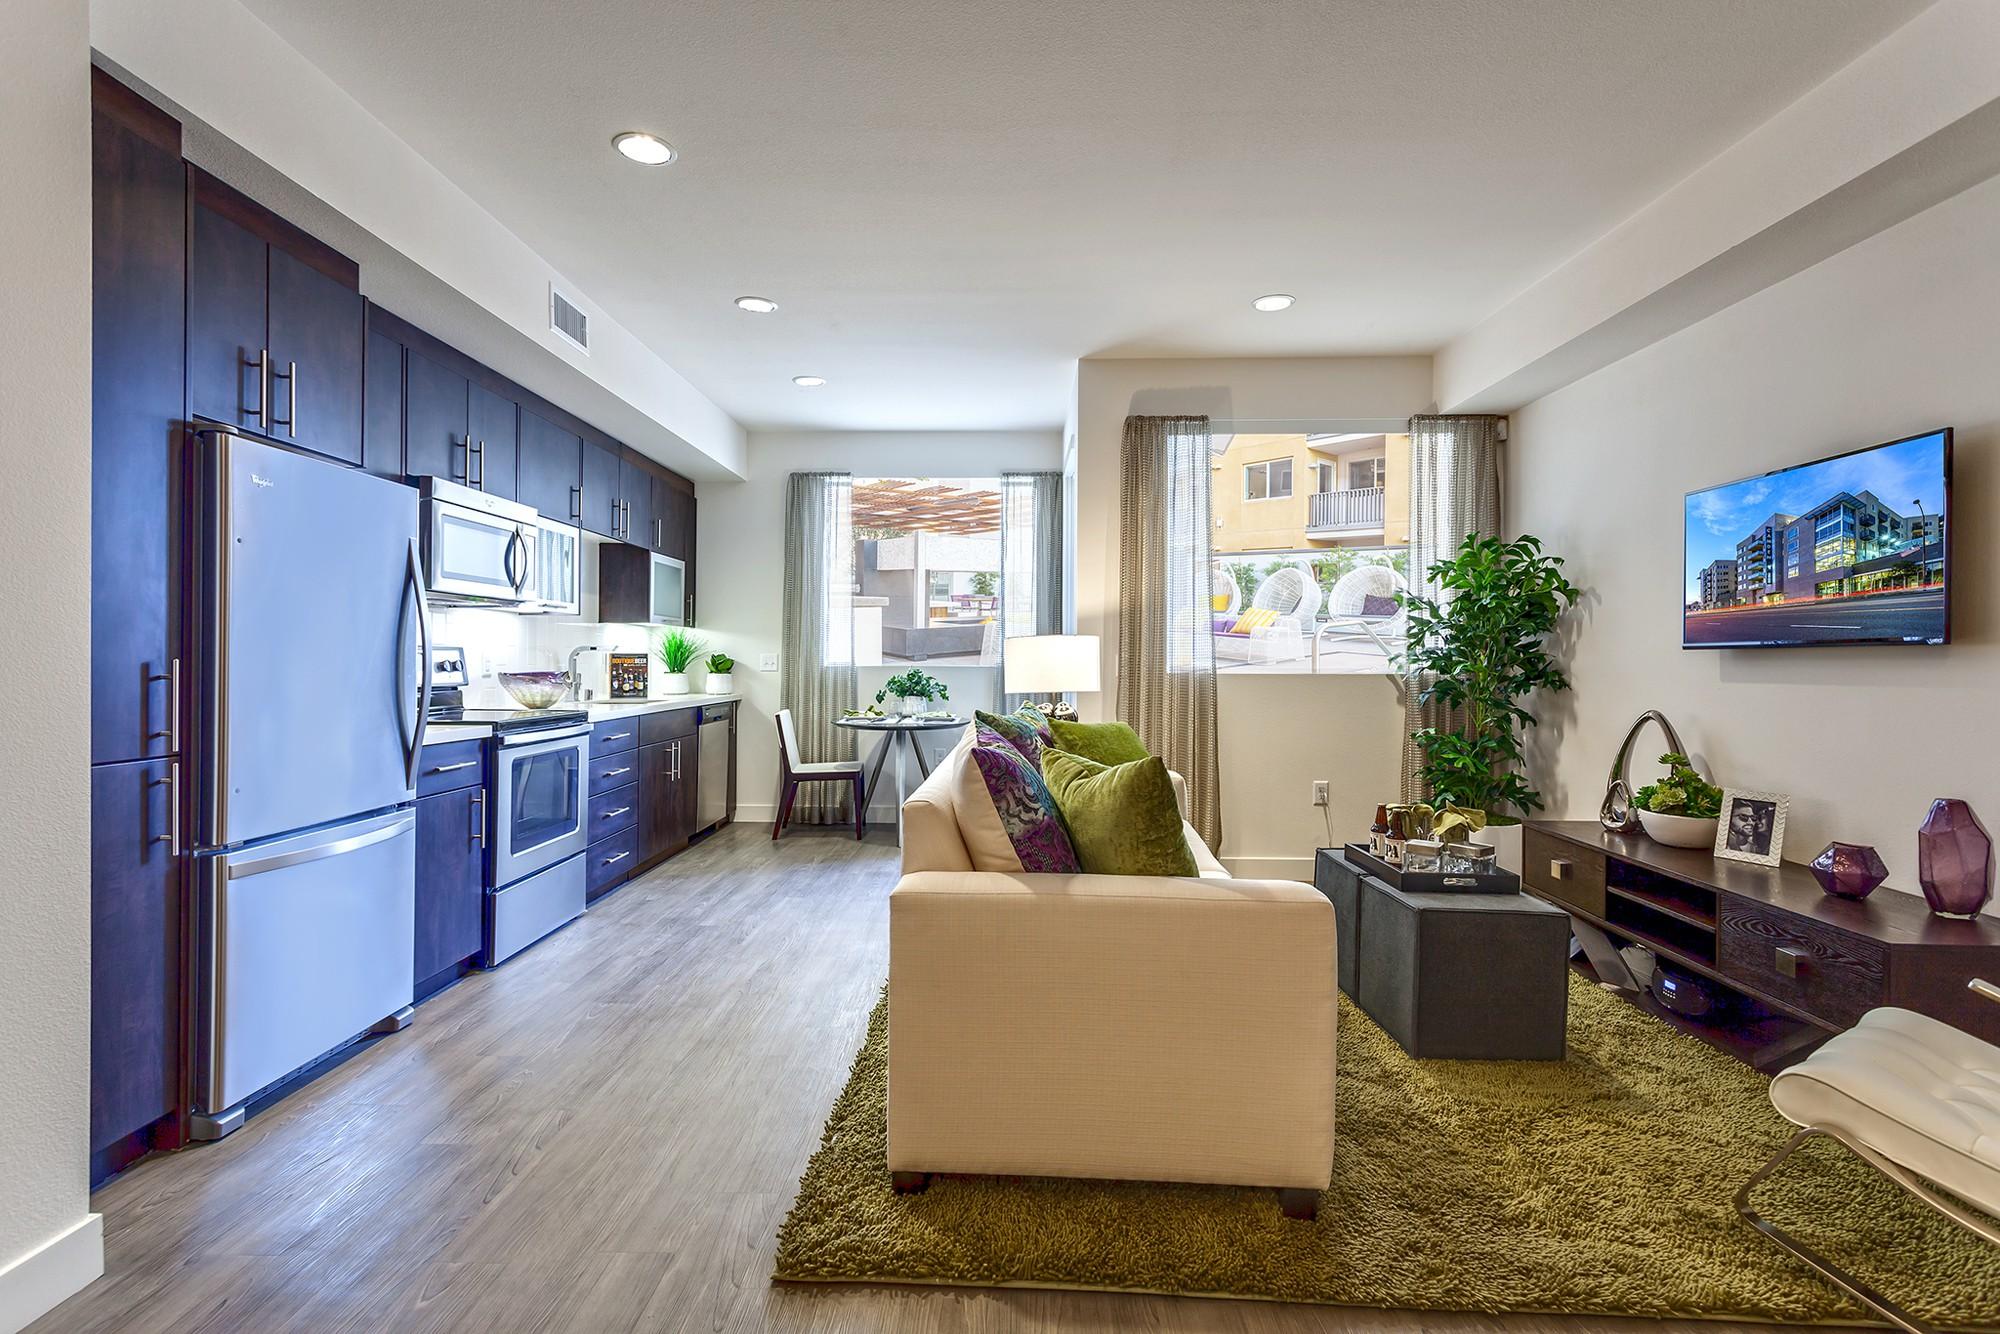 Camden Glendale for rent